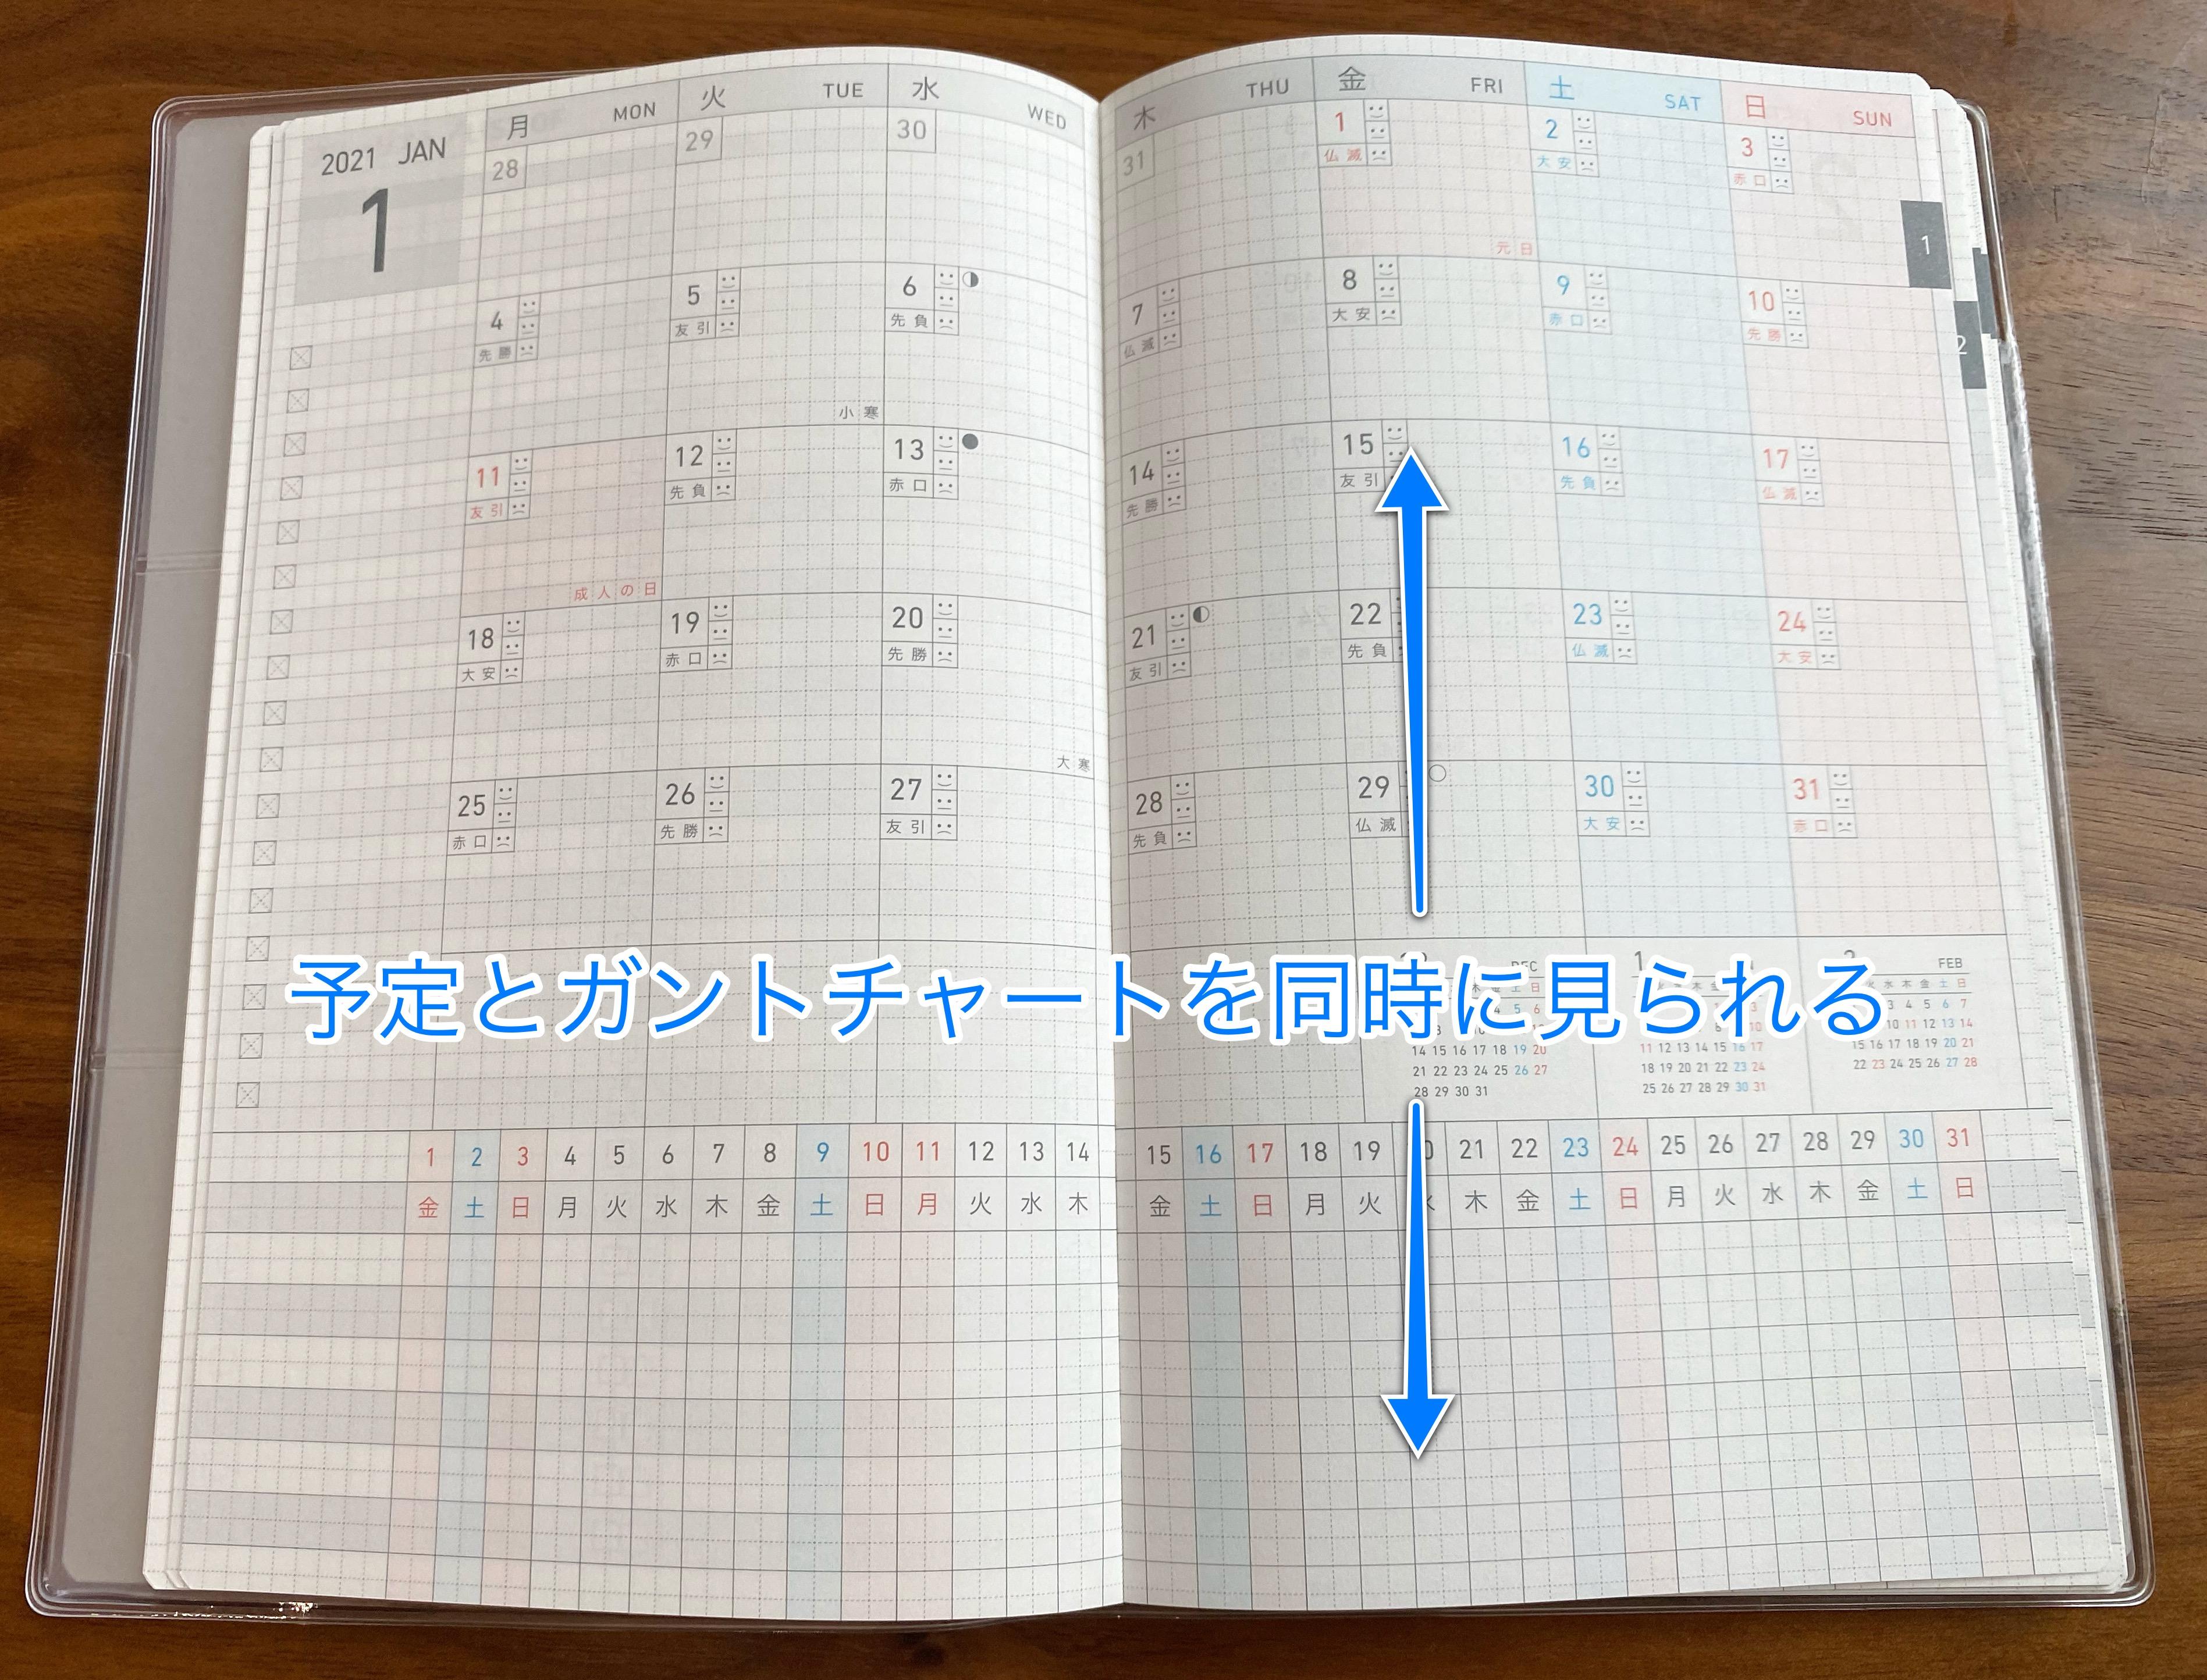 ジブン手帳DAYs 同時に見られる